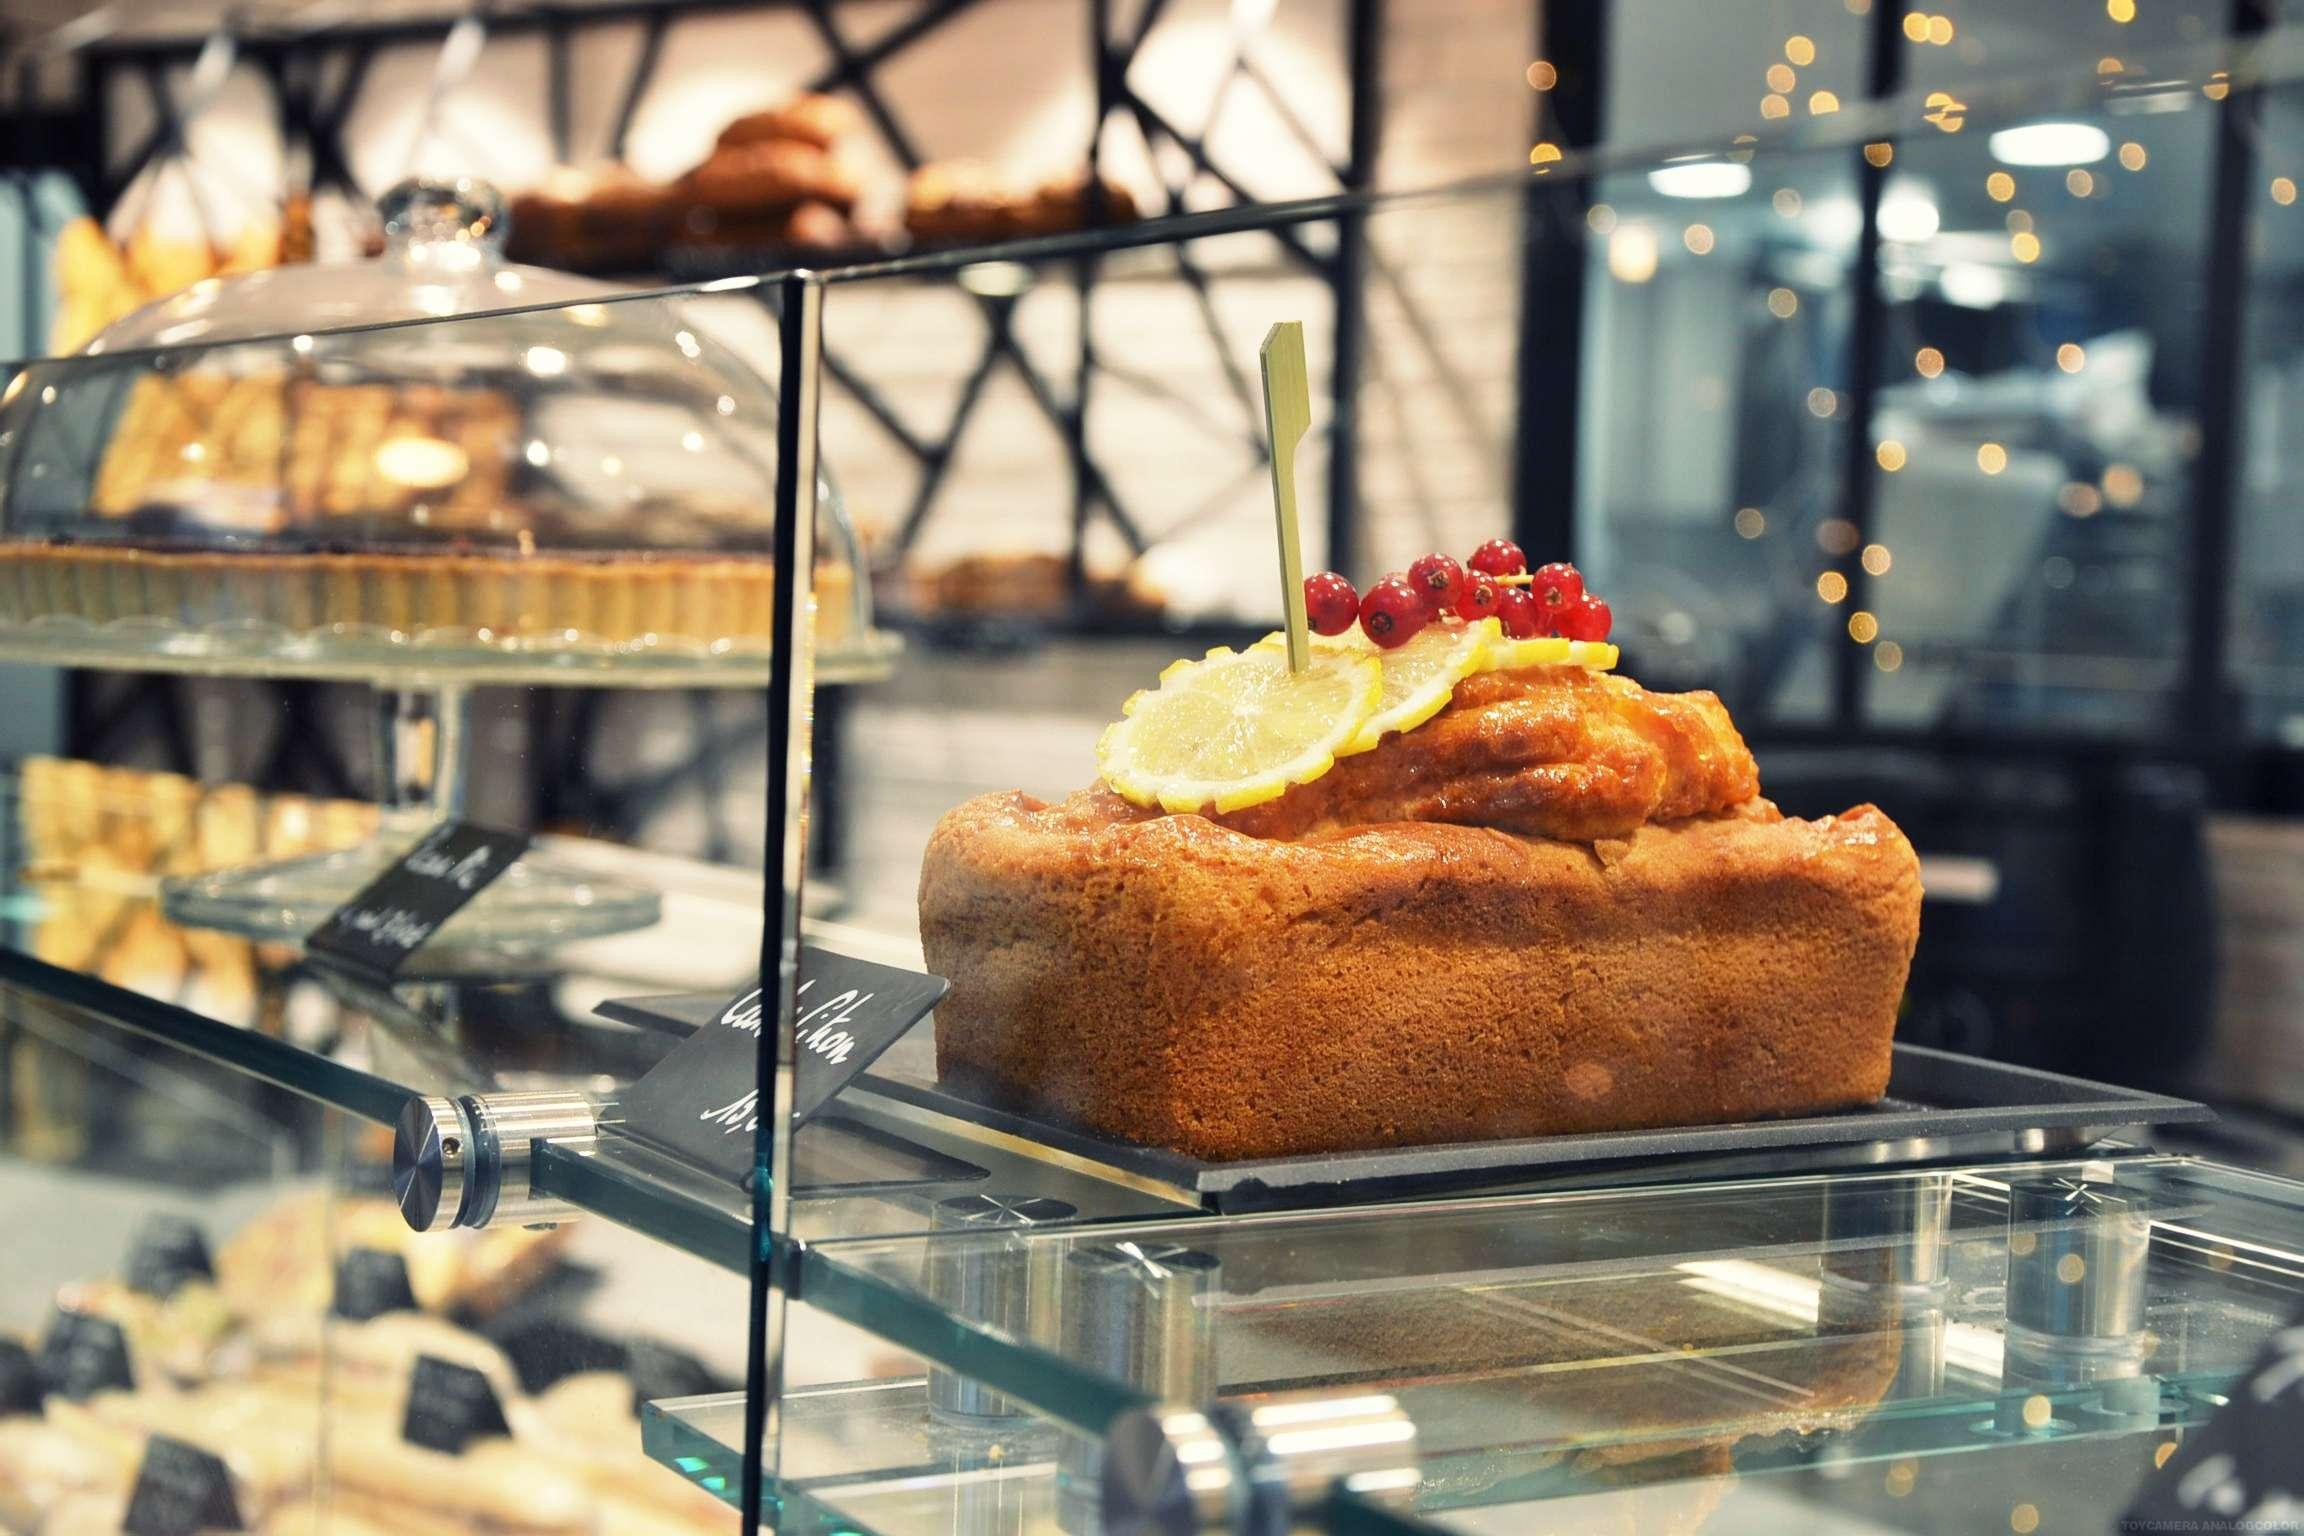 Boulangerie Patisserie Caf Restaurant Co Pain Paris 17 Clichy Batignolles Petits Commerces Petitscommerces